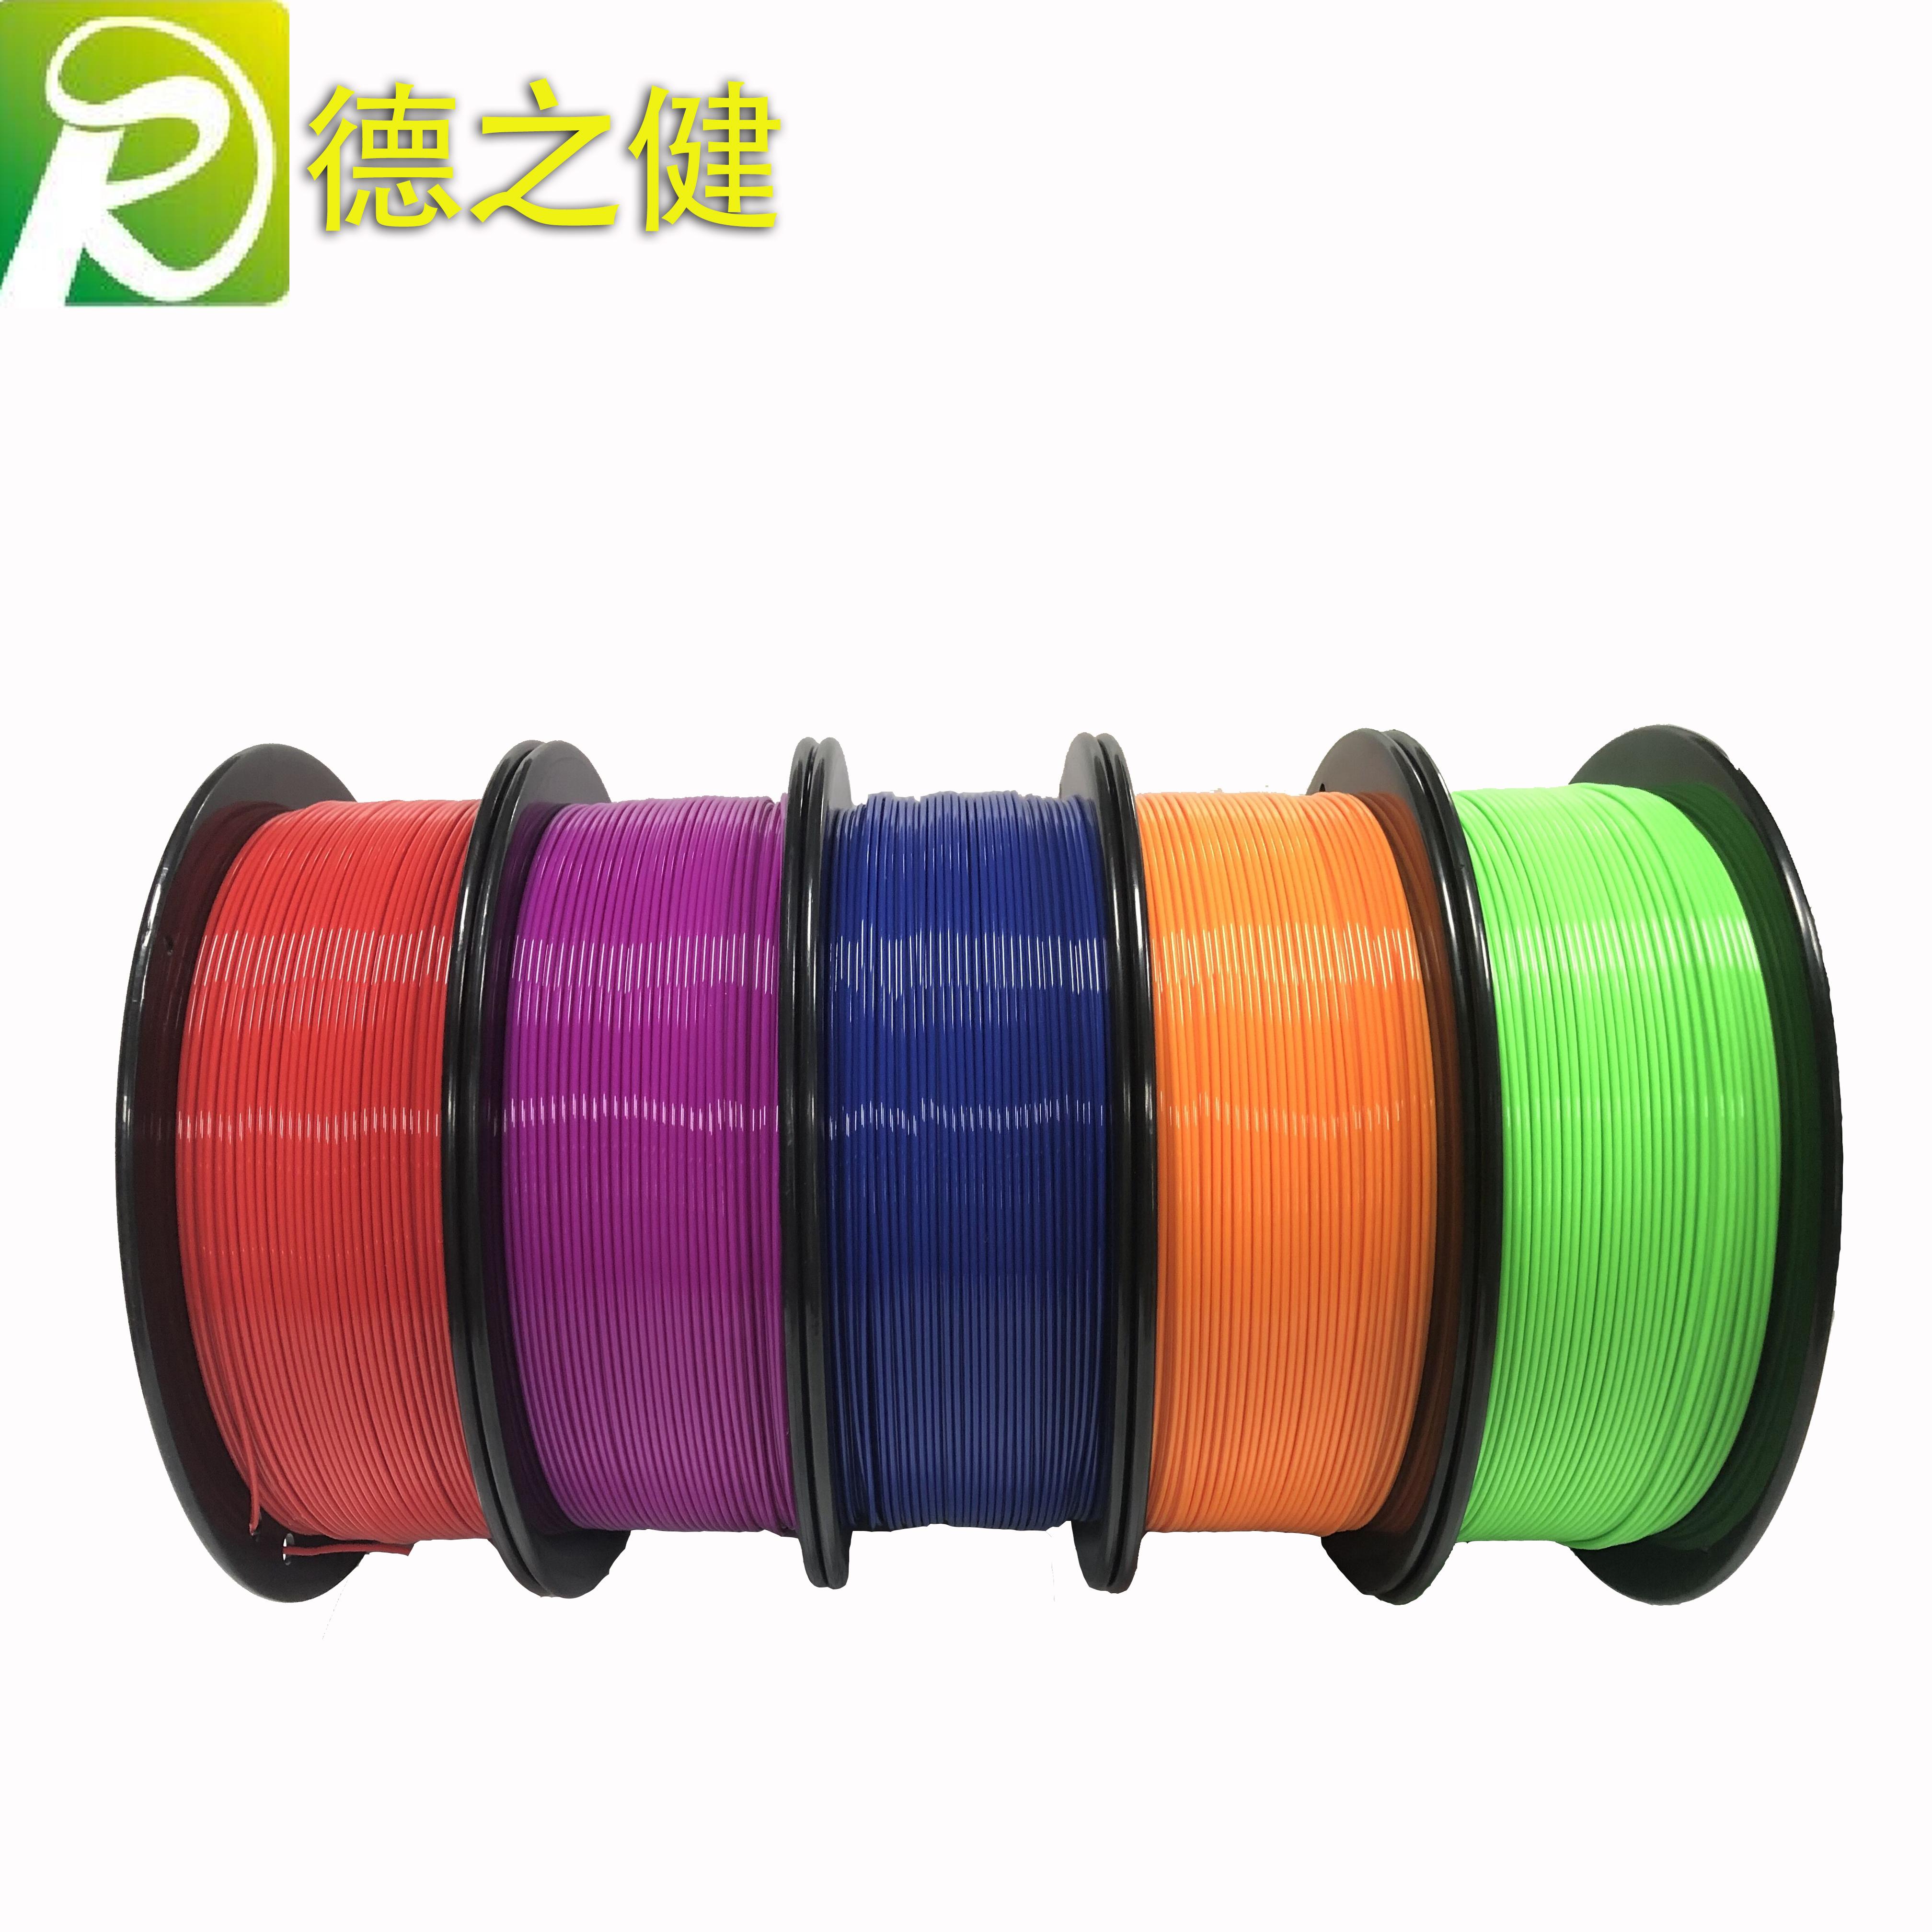 排線整齊 PLA3D打印耗材 3d打印機耗材PLA 凈重1kg 1.75mm